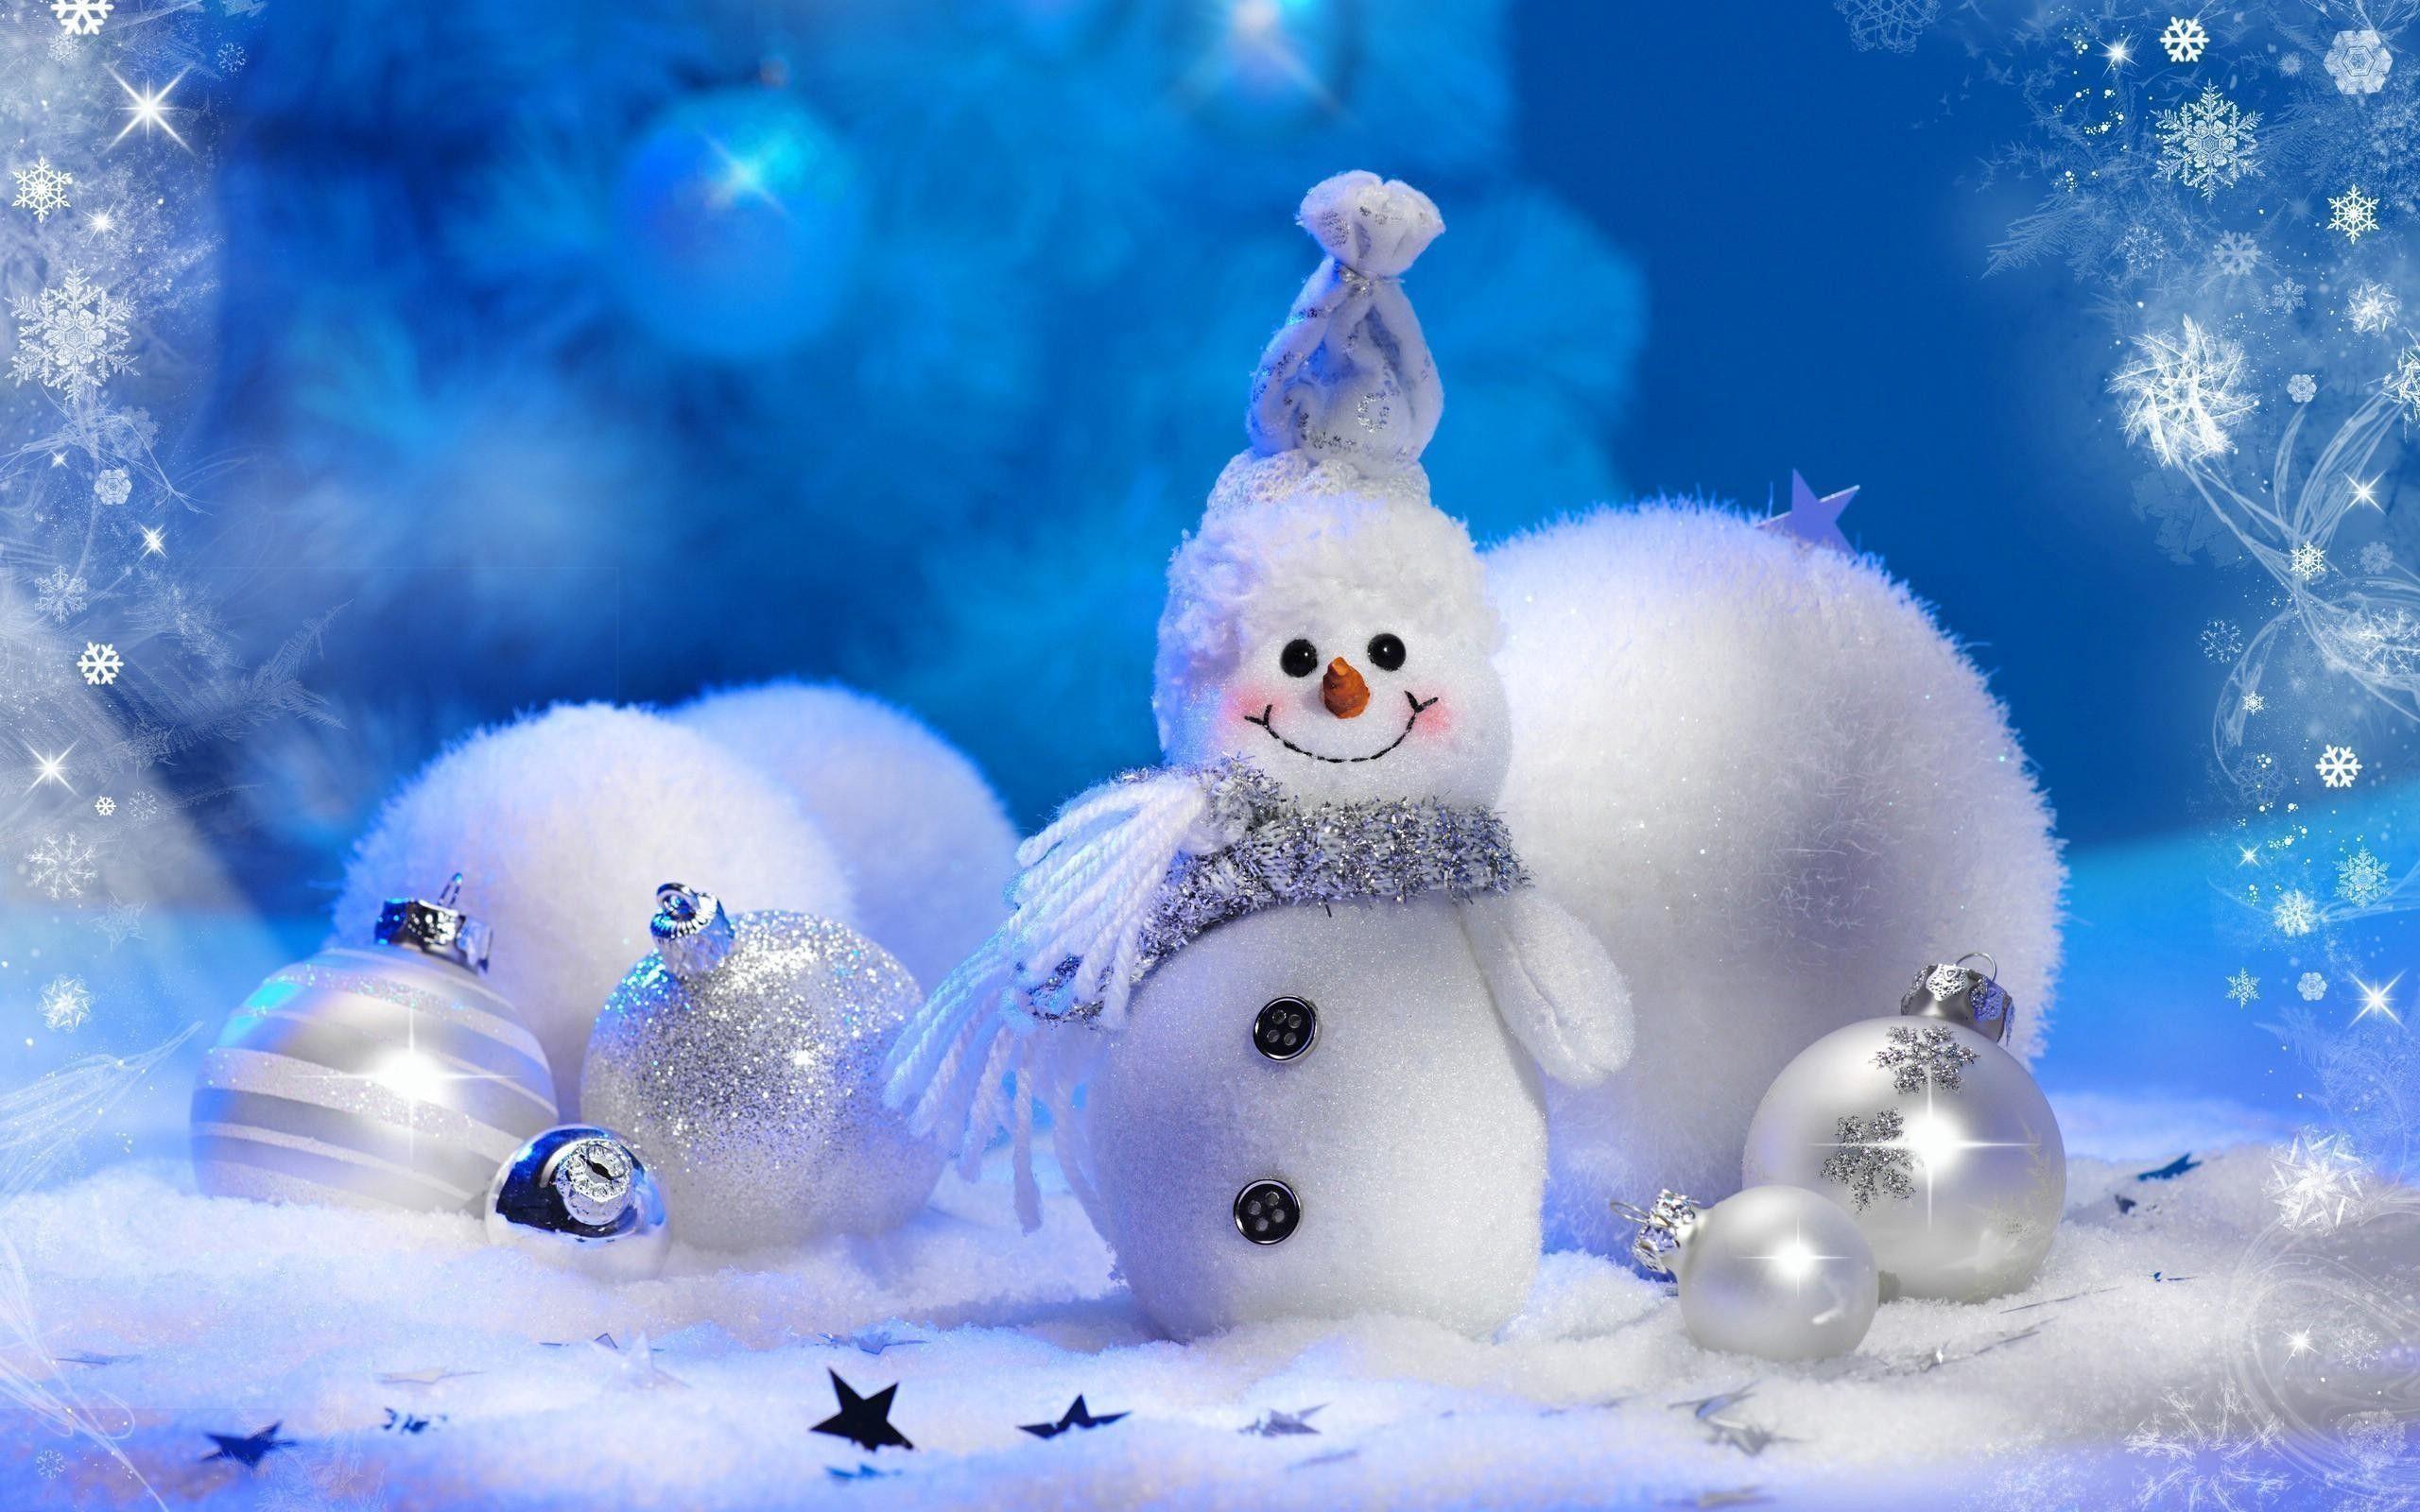 Christmas Winter Scenes Wallpaper 19 Hd Widescreen Pixel .